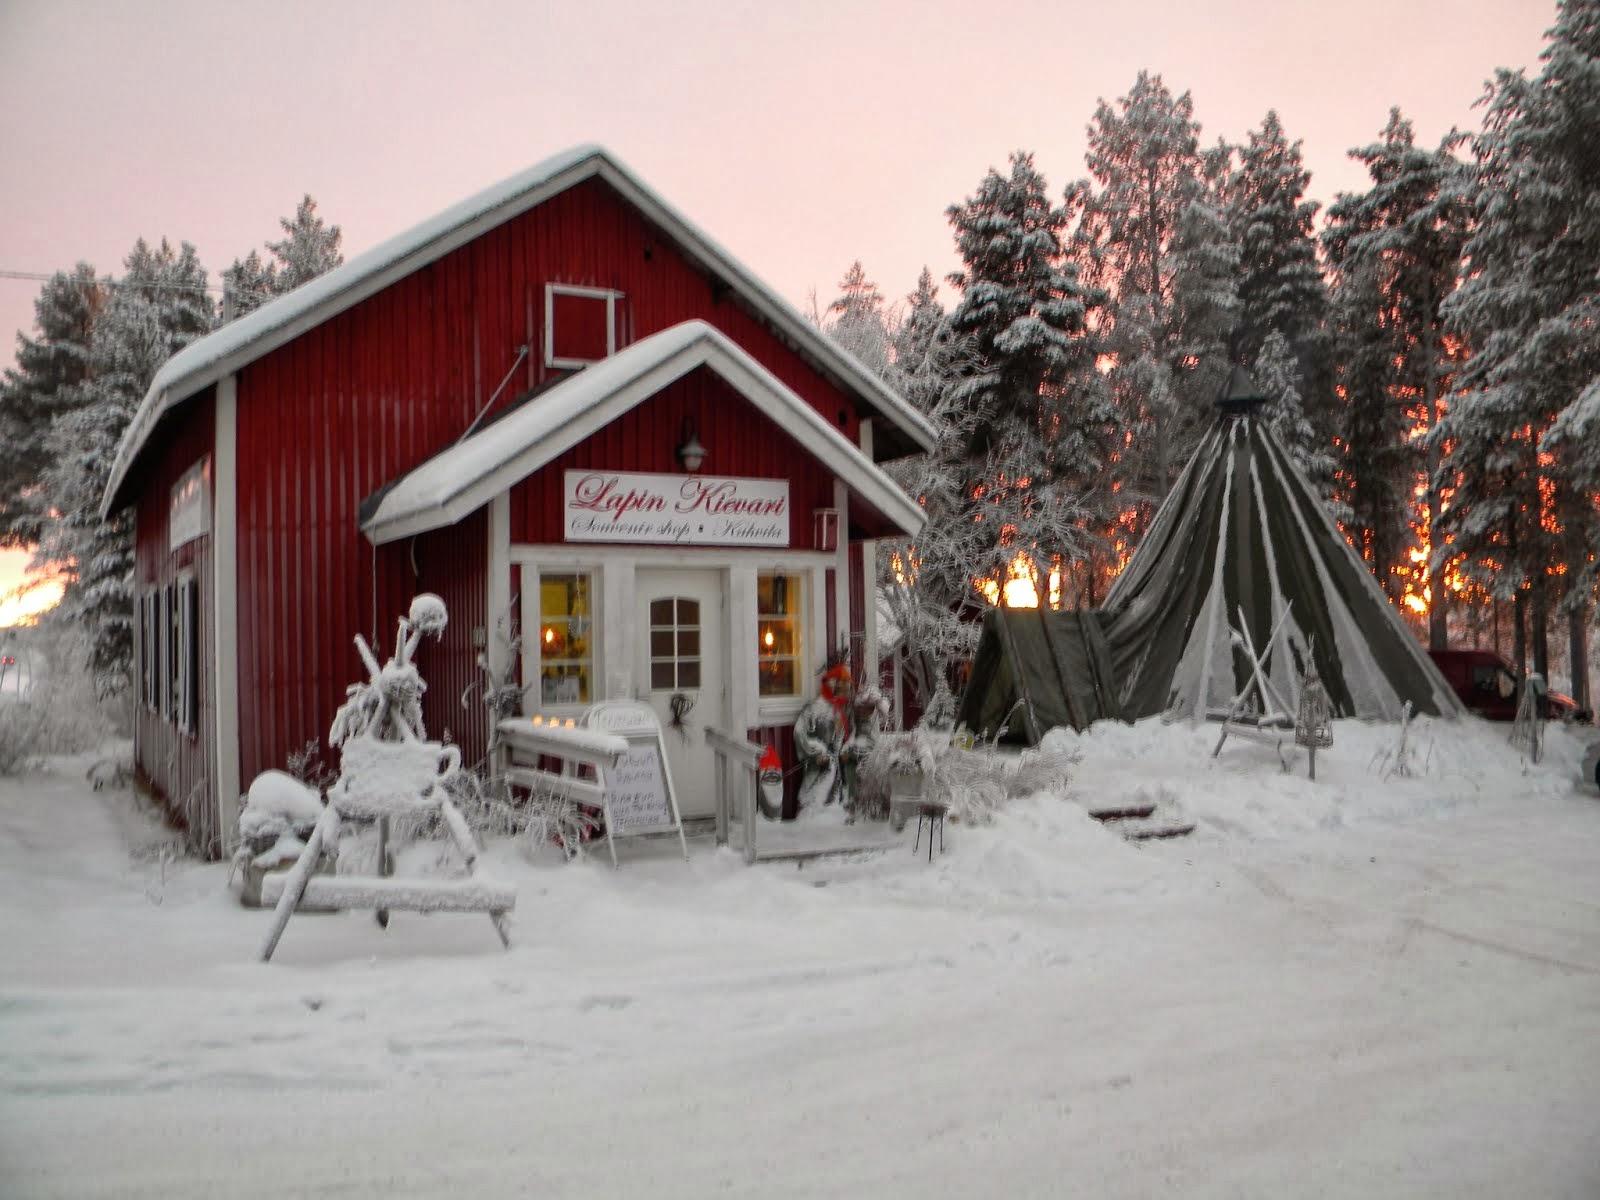 Myymäläni talvimaiseman keskellä